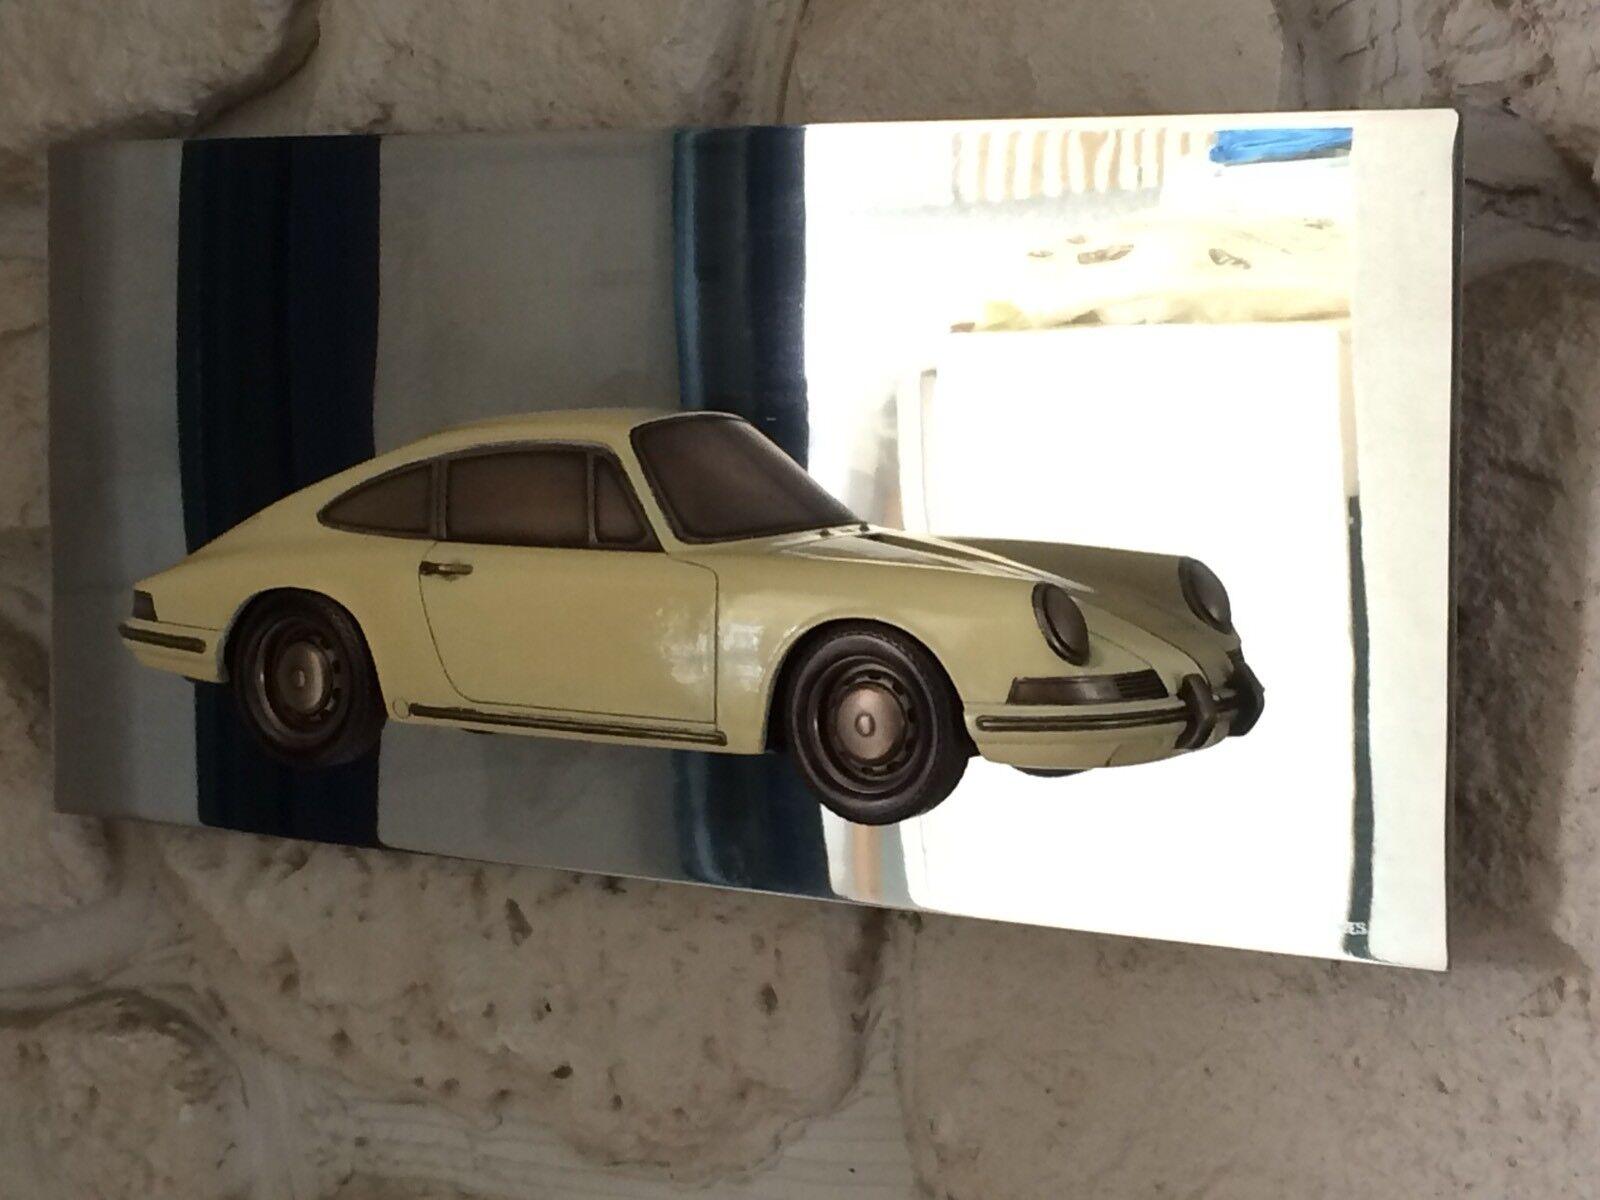 Reproduction en bronze Porsche 911 1 2 coque échelle 1 12 sur socle en inox poli